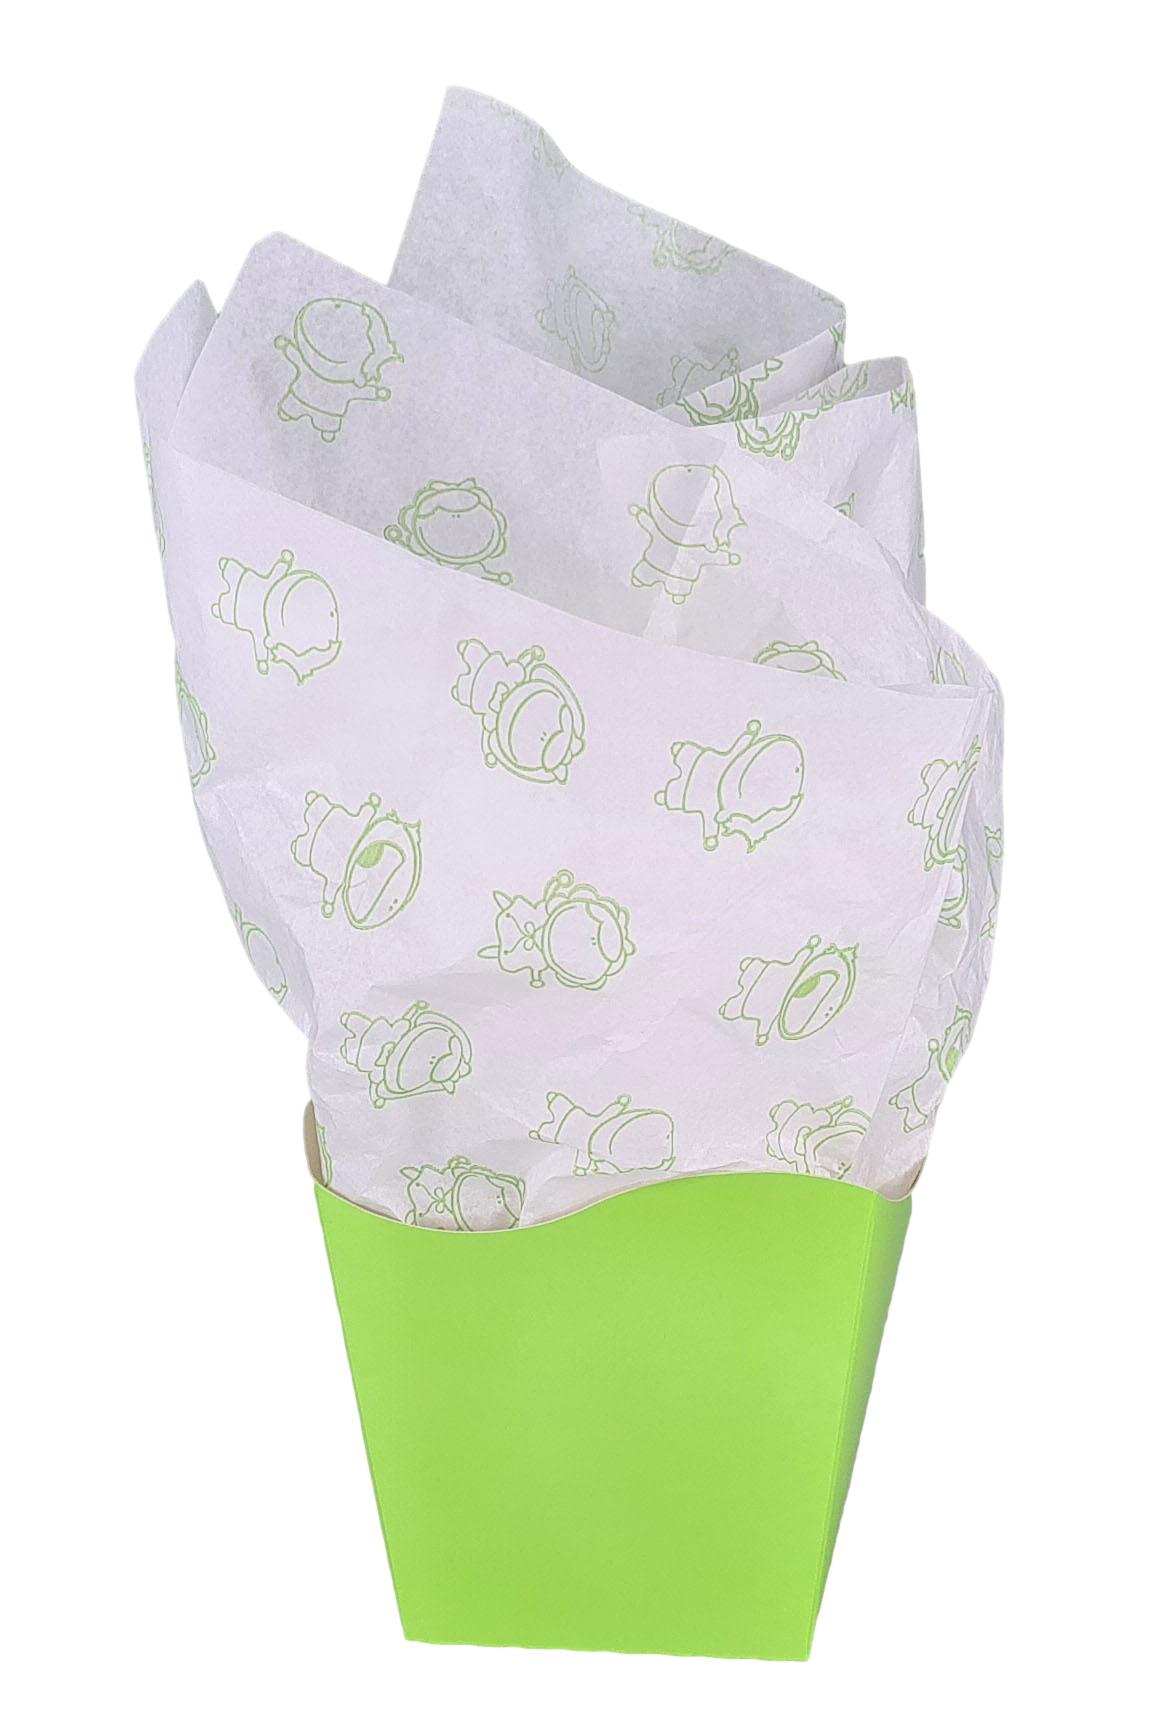 Papel de Seda Personalizado 20g/m - Tamanho 50 x 70 - Linha paper 2059  - Litex Embalagens